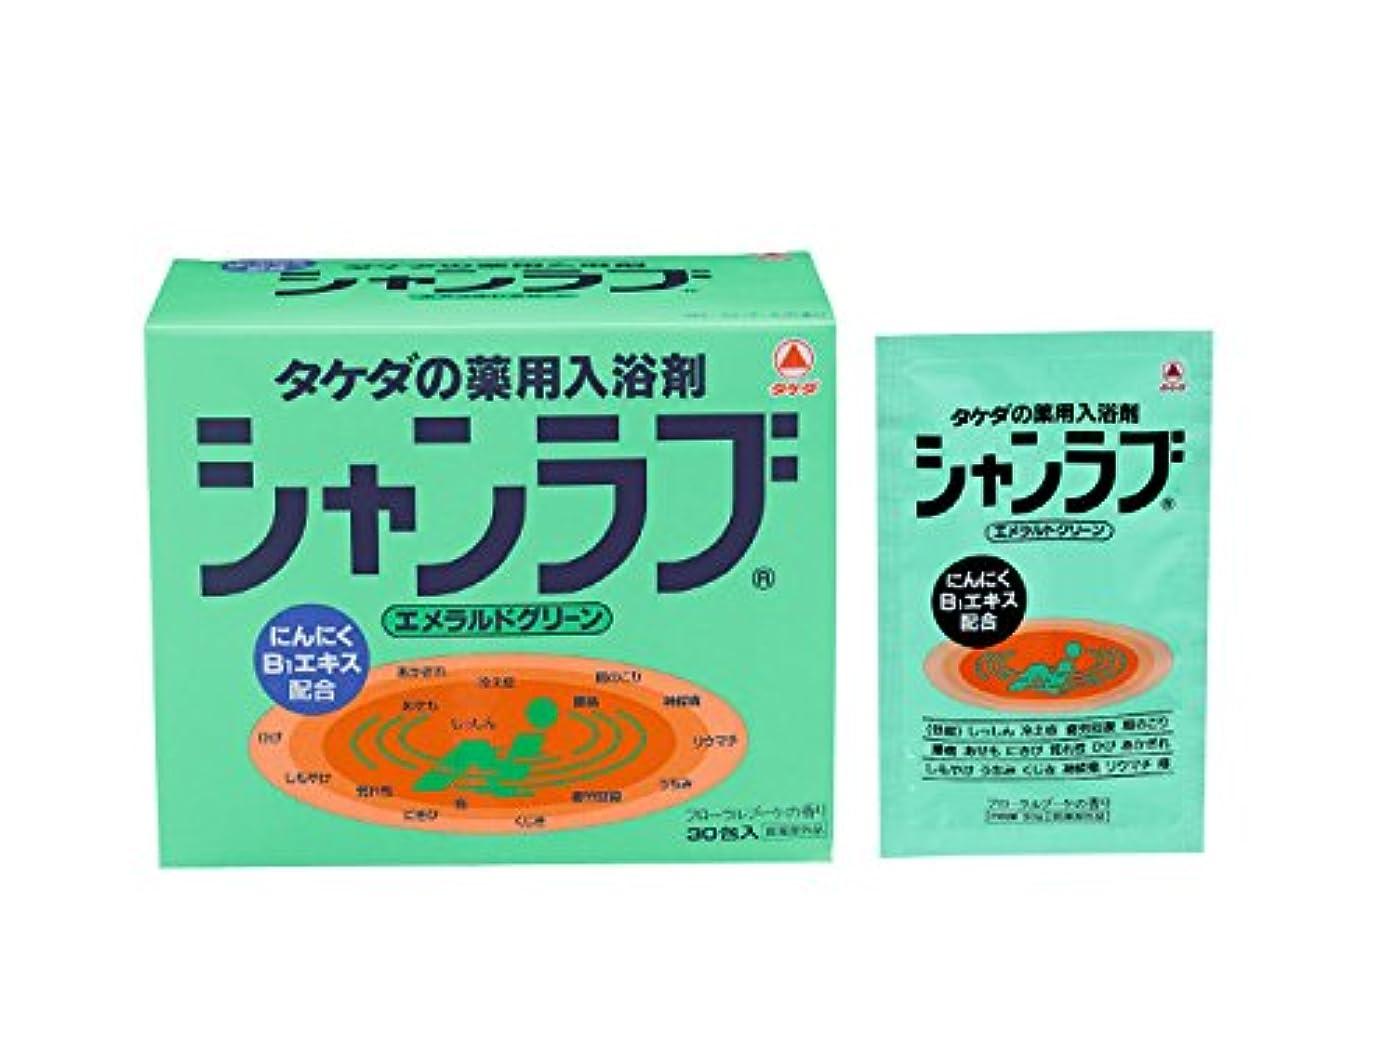 サーキュレーション公高く武田コンシューマーヘルスケア シャンラブ エメラルドグリーン 30包